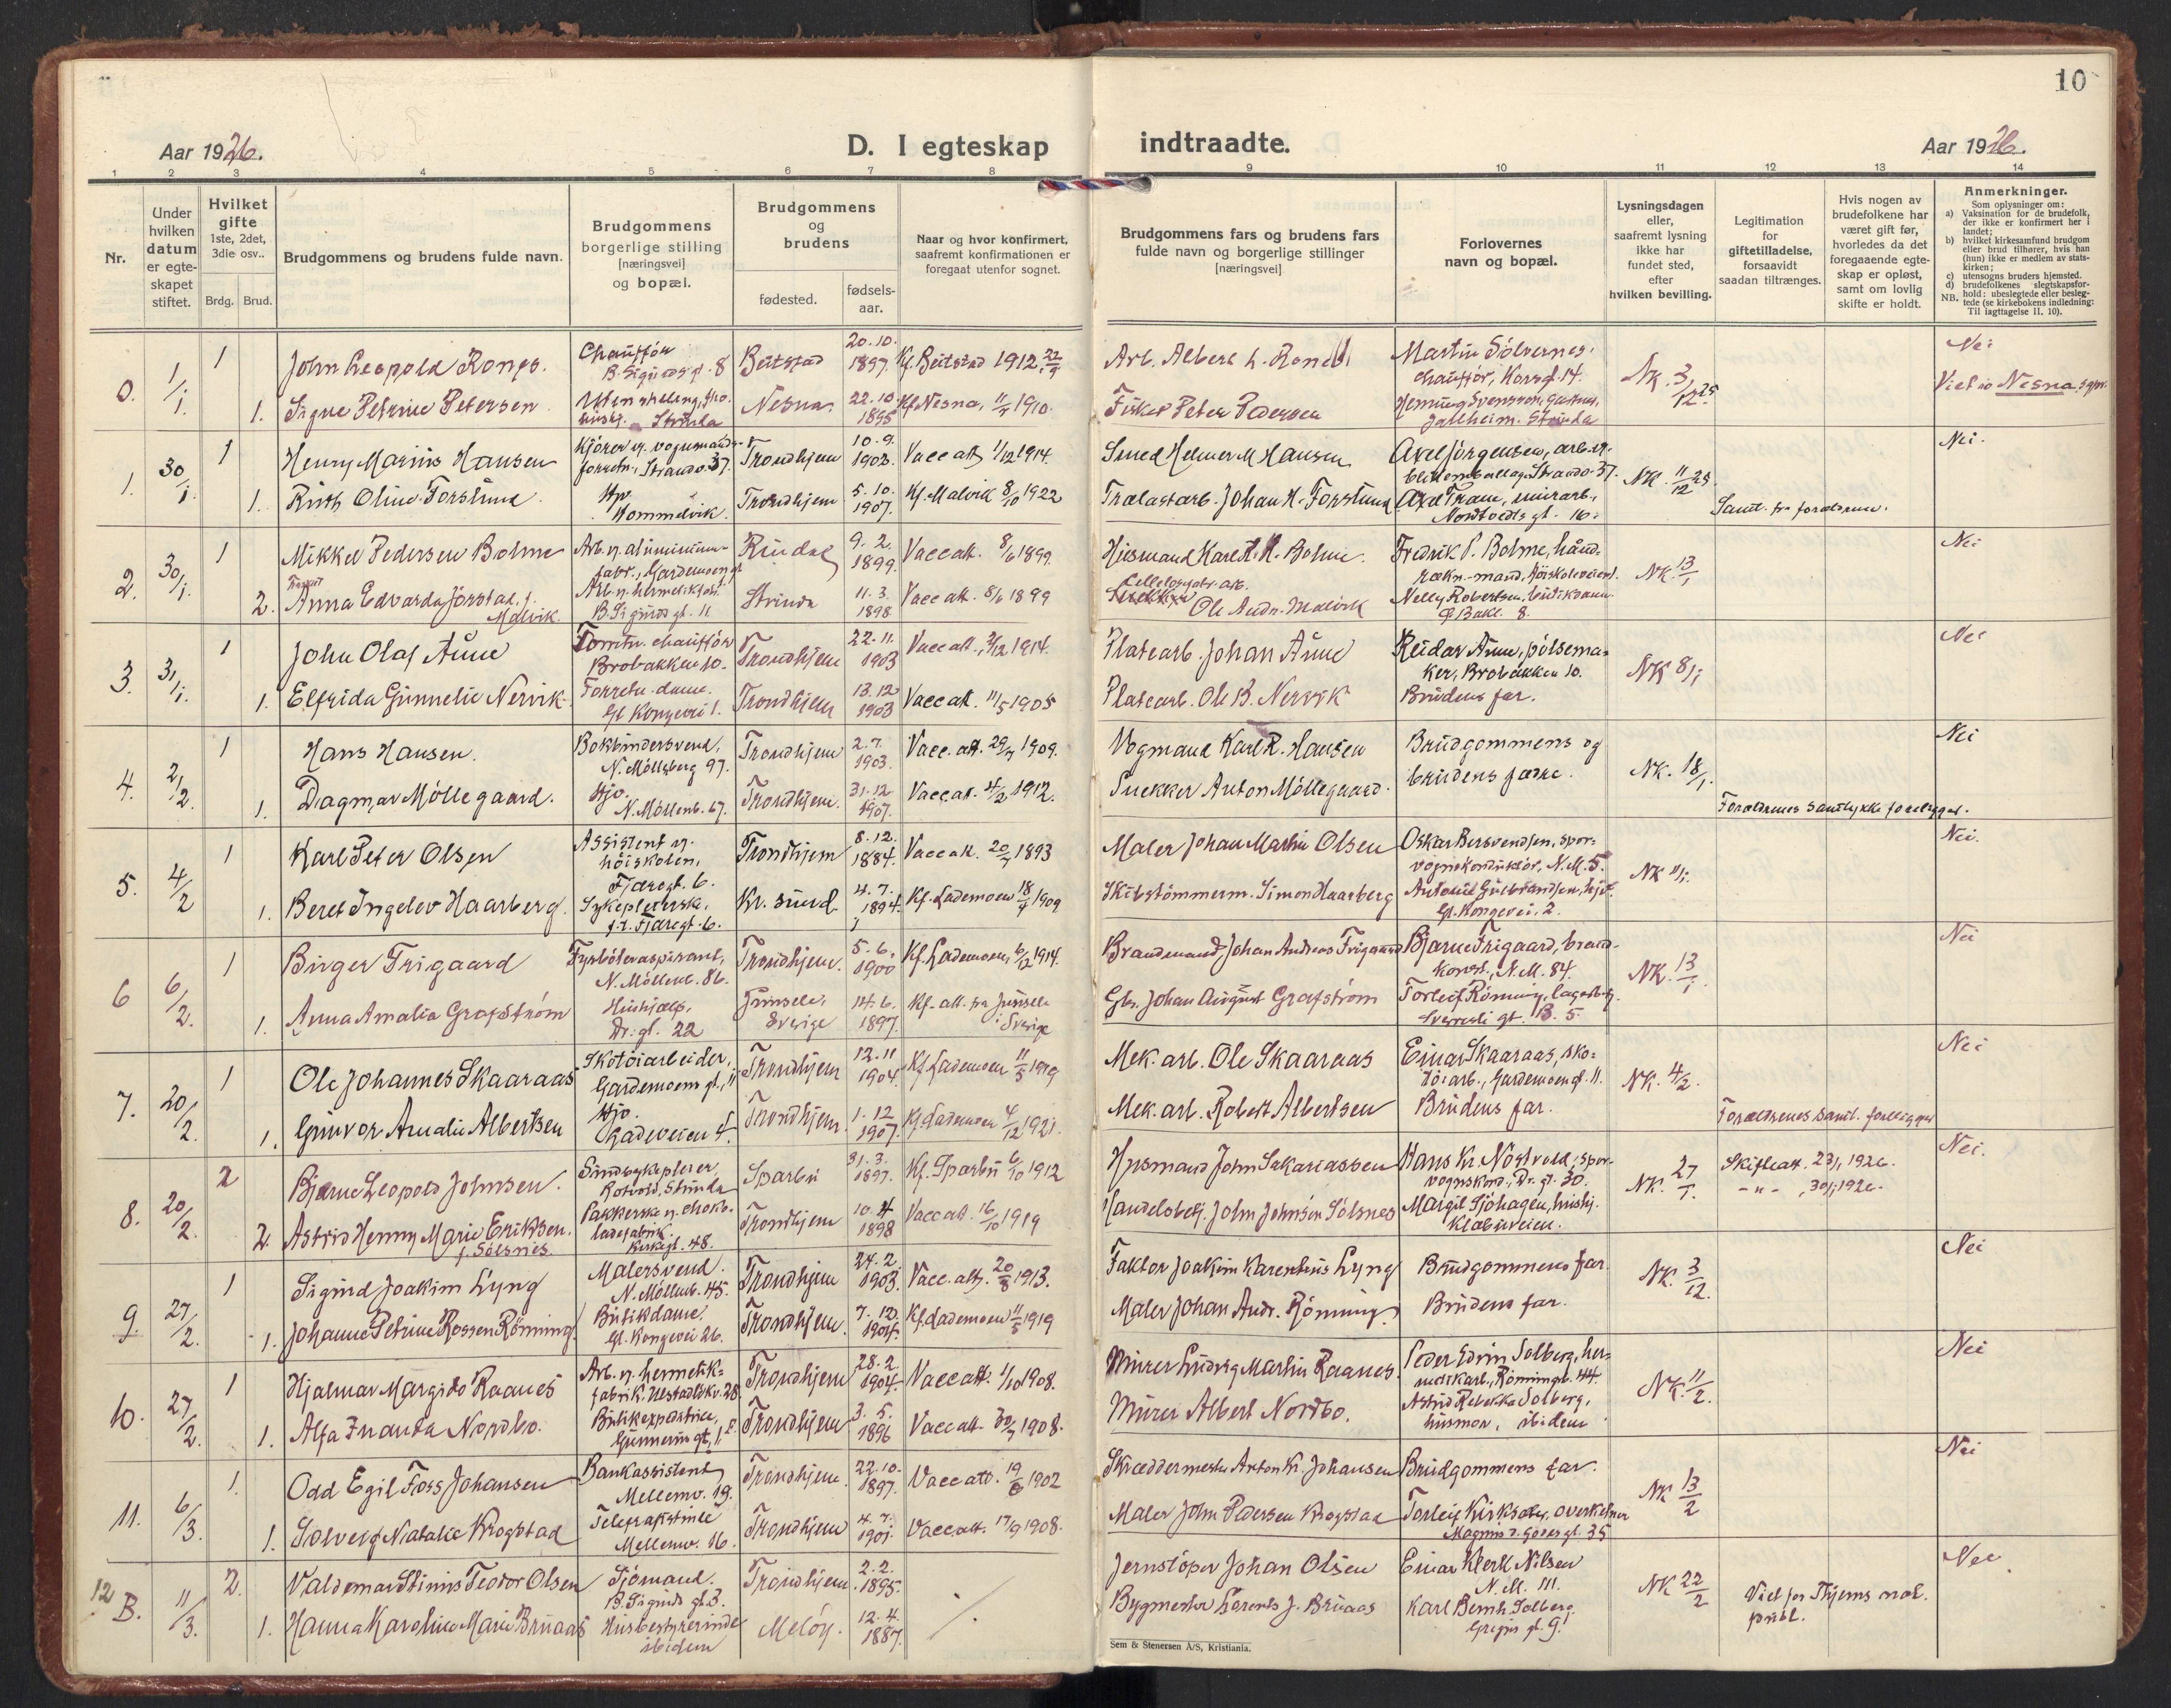 SAT, Ministerialprotokoller, klokkerbøker og fødselsregistre - Sør-Trøndelag, 605/L0249: Ministerialbok nr. 605A11, 1925-1936, s. 10